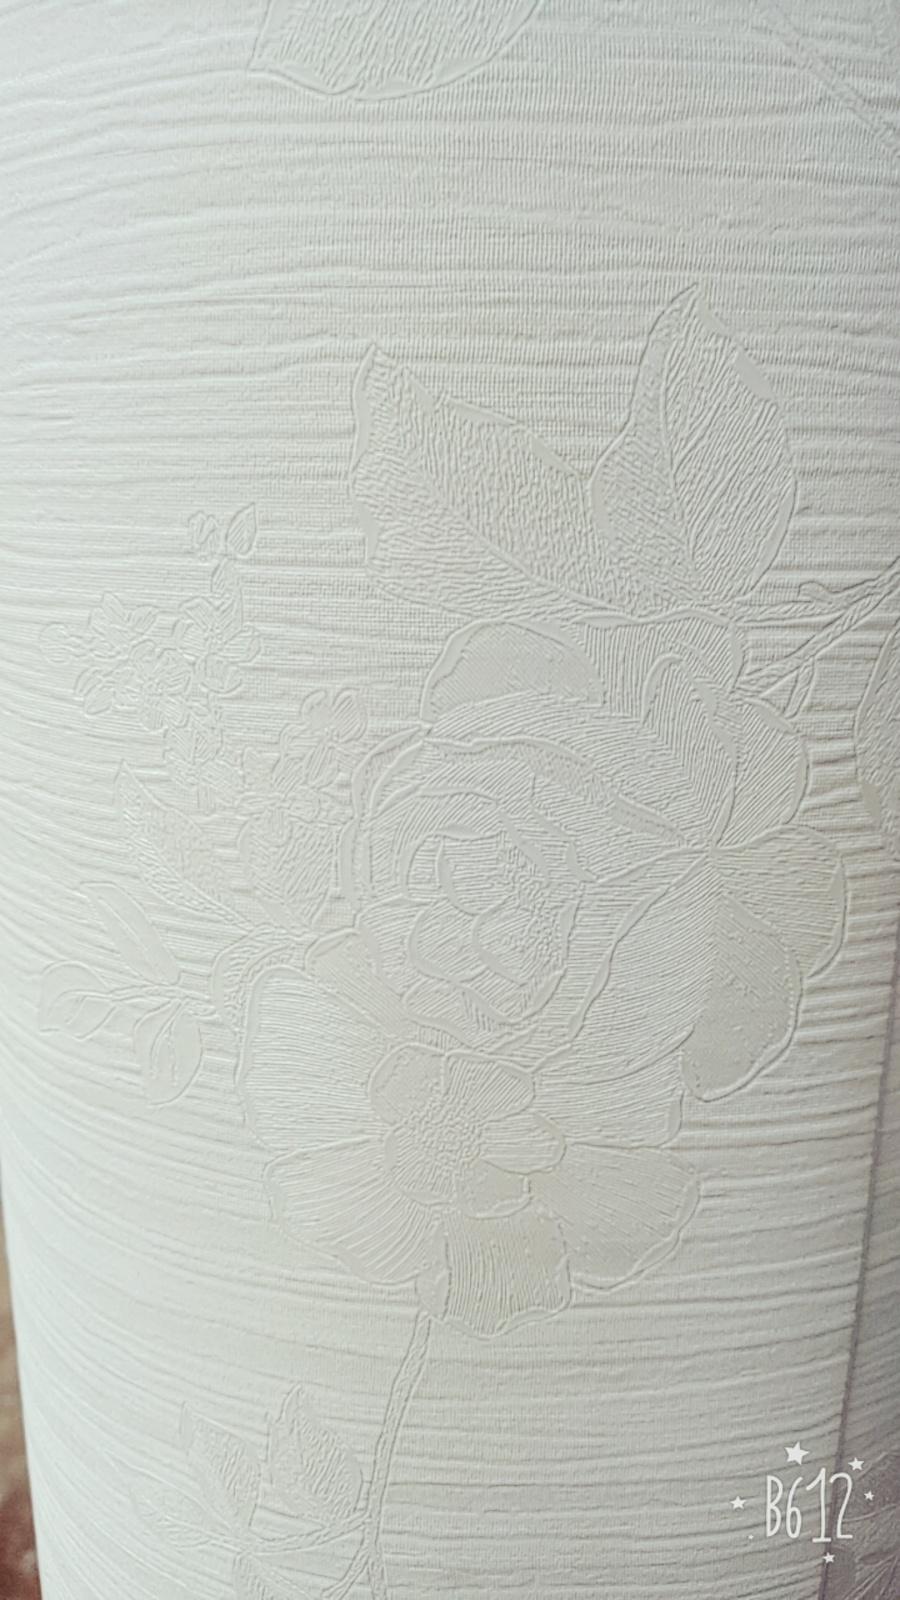 Giấy decal cuộn hoa hồng trắng 2 khổ 1m2